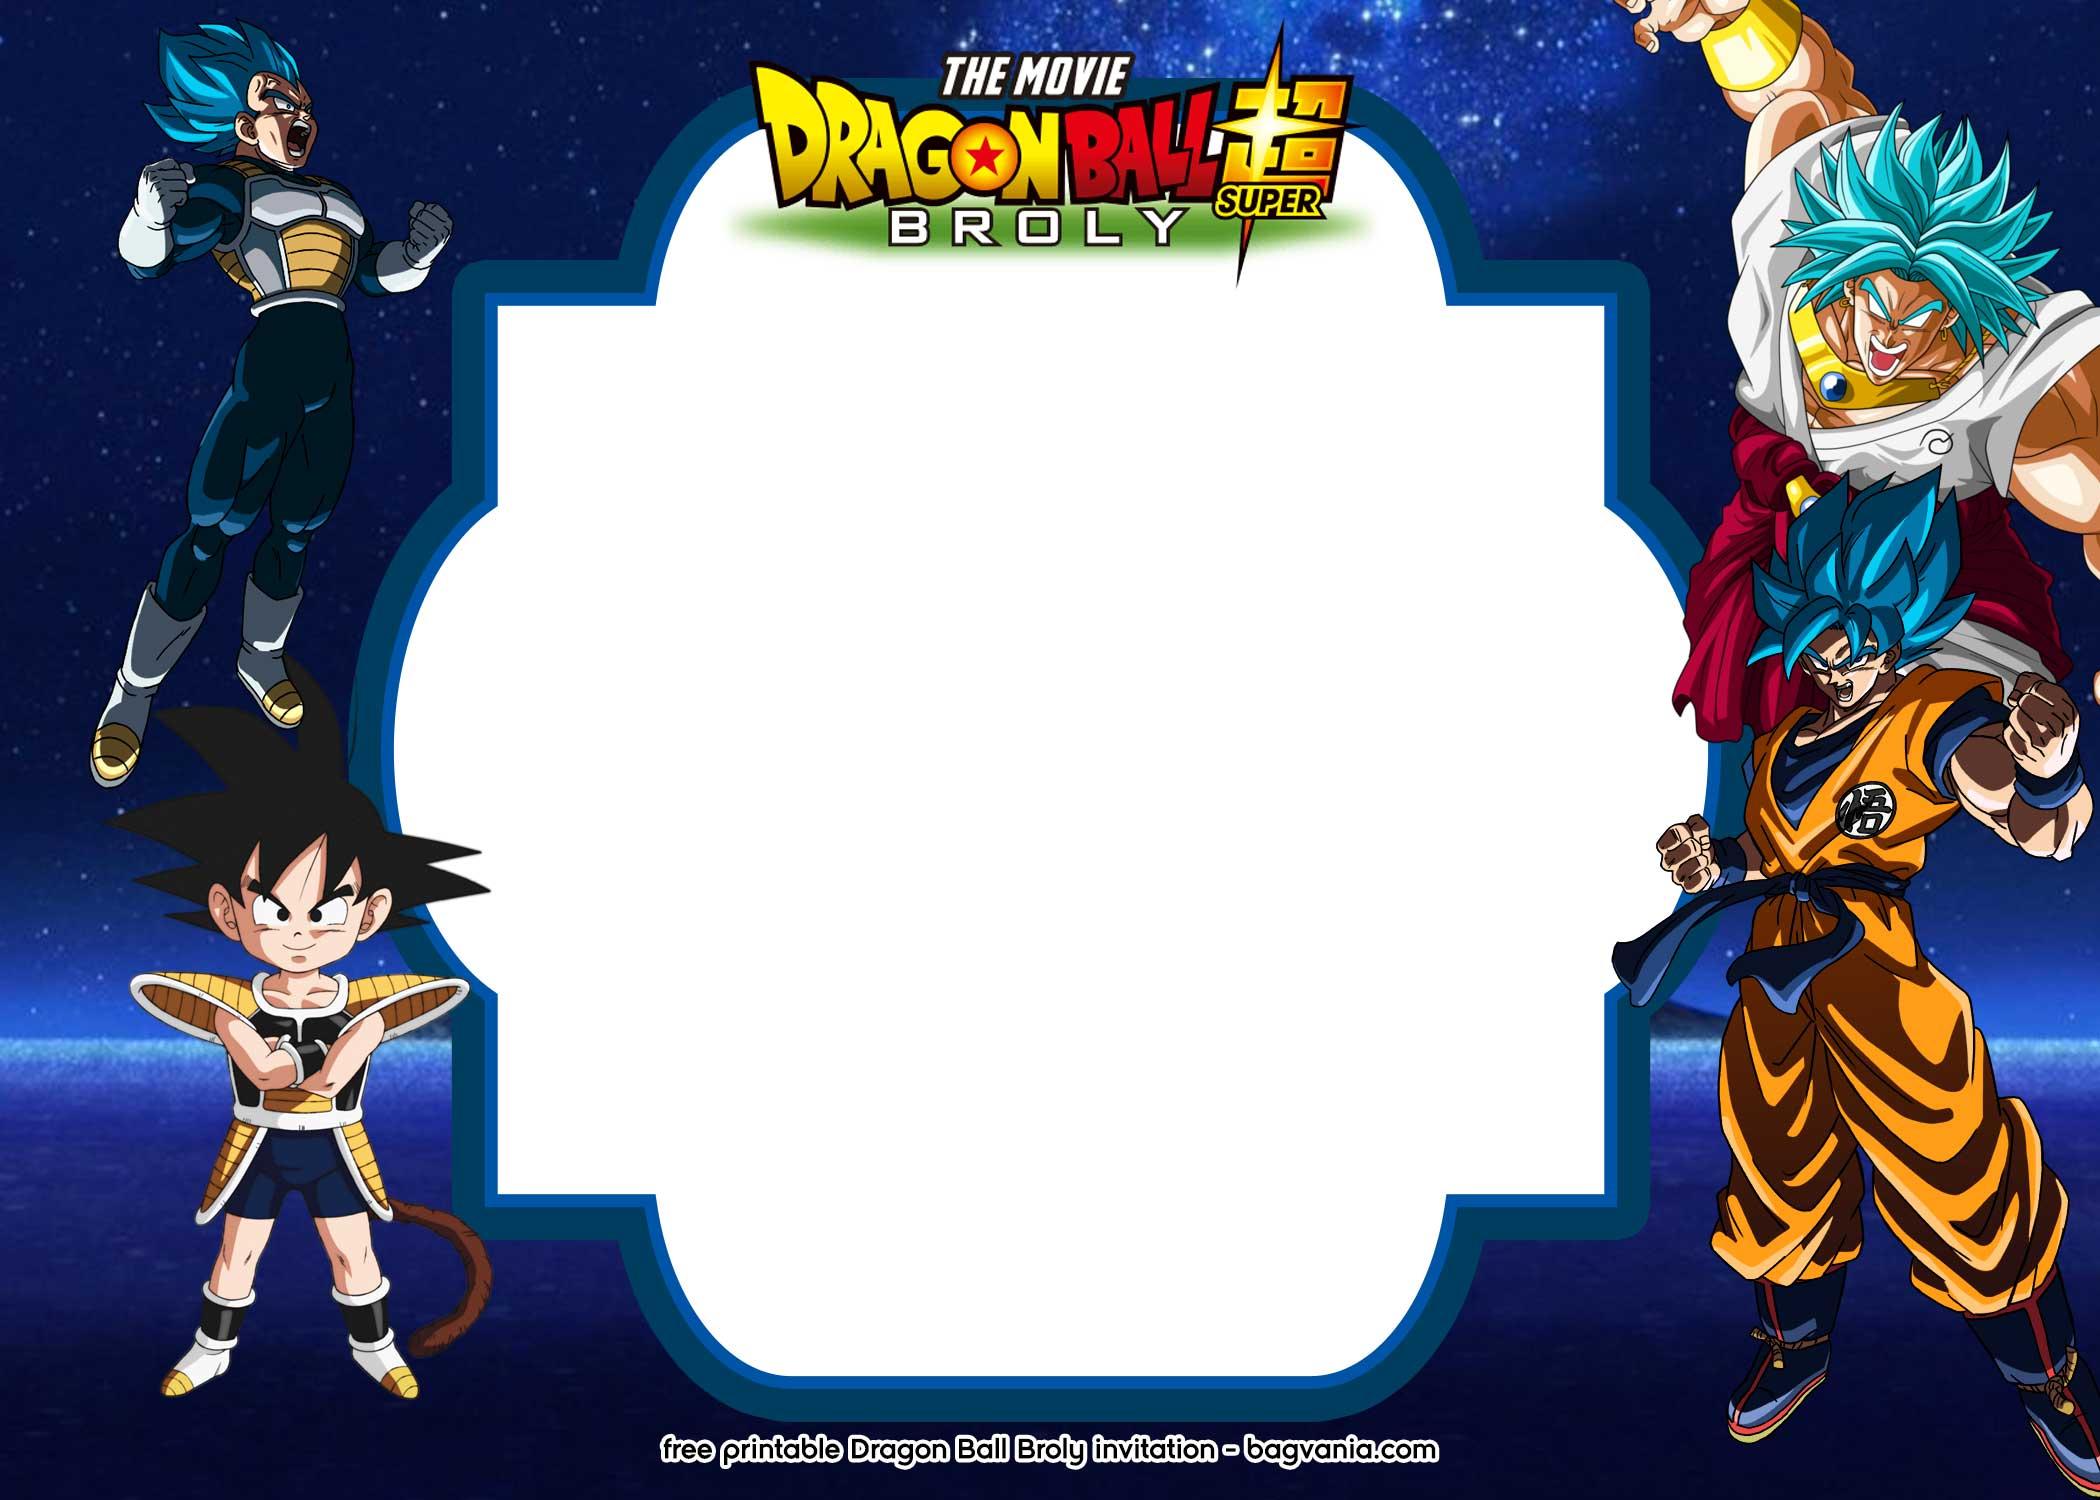 Free Printable Dragon Ball Super Broly Invitation Templates Free Printable Birthday Invitation Templates Bagvania